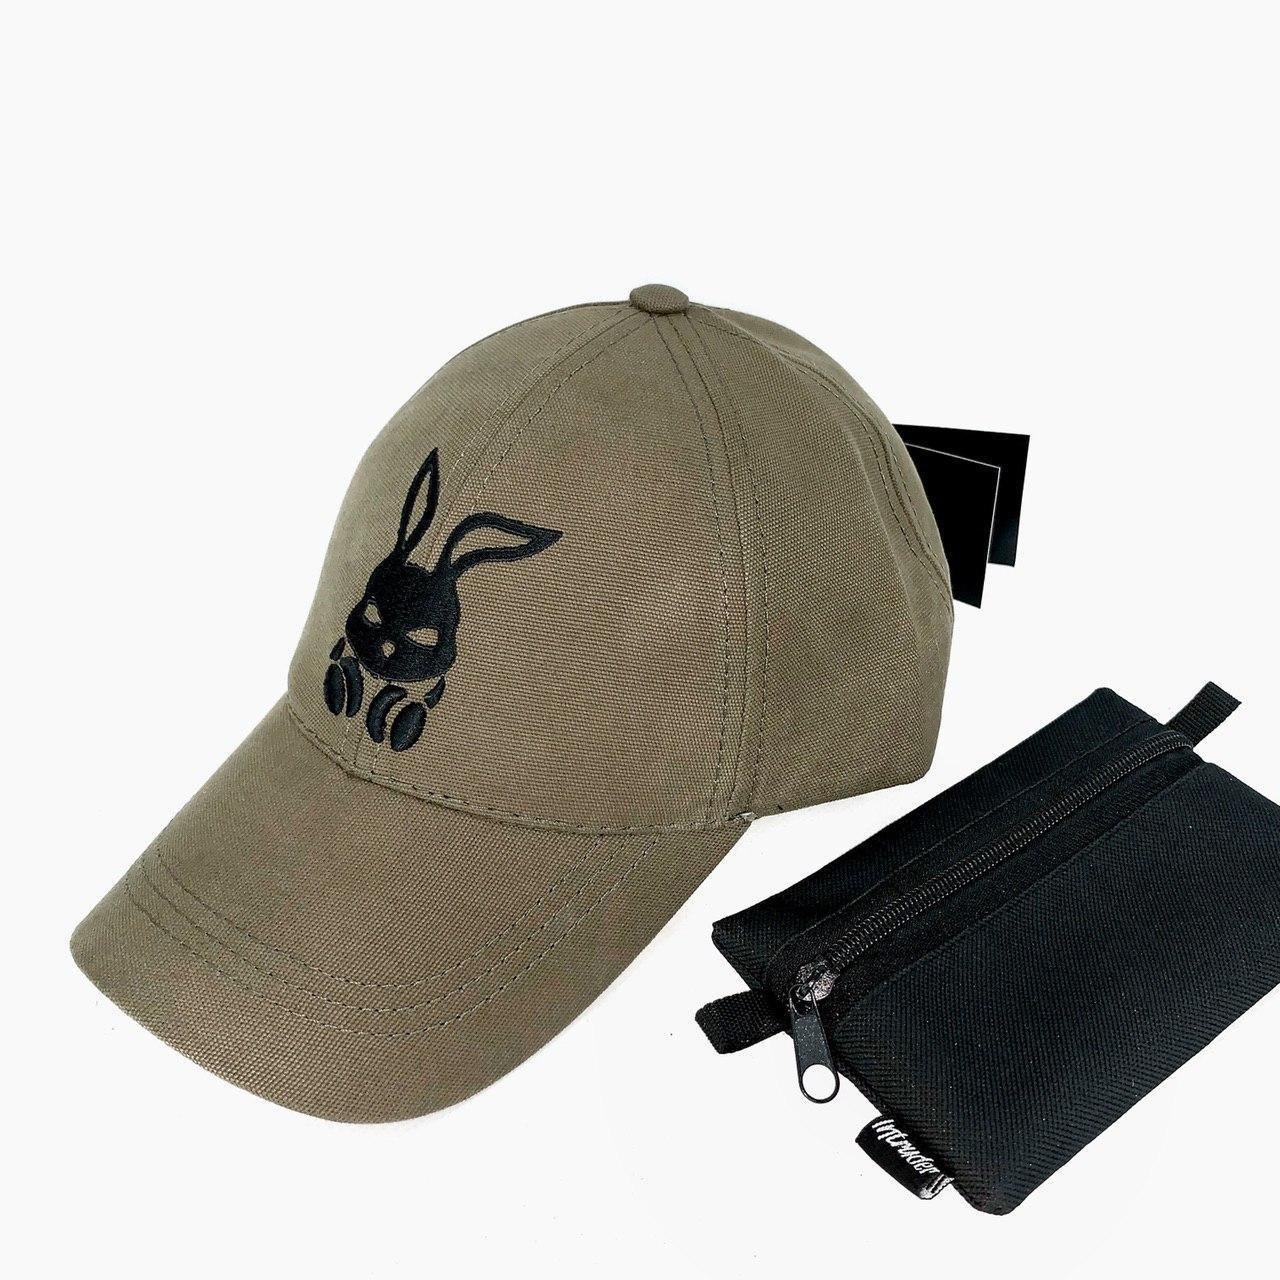 Кепка мужская Intruder хаки логотип вышит универсальный размер + Фирменный подарок